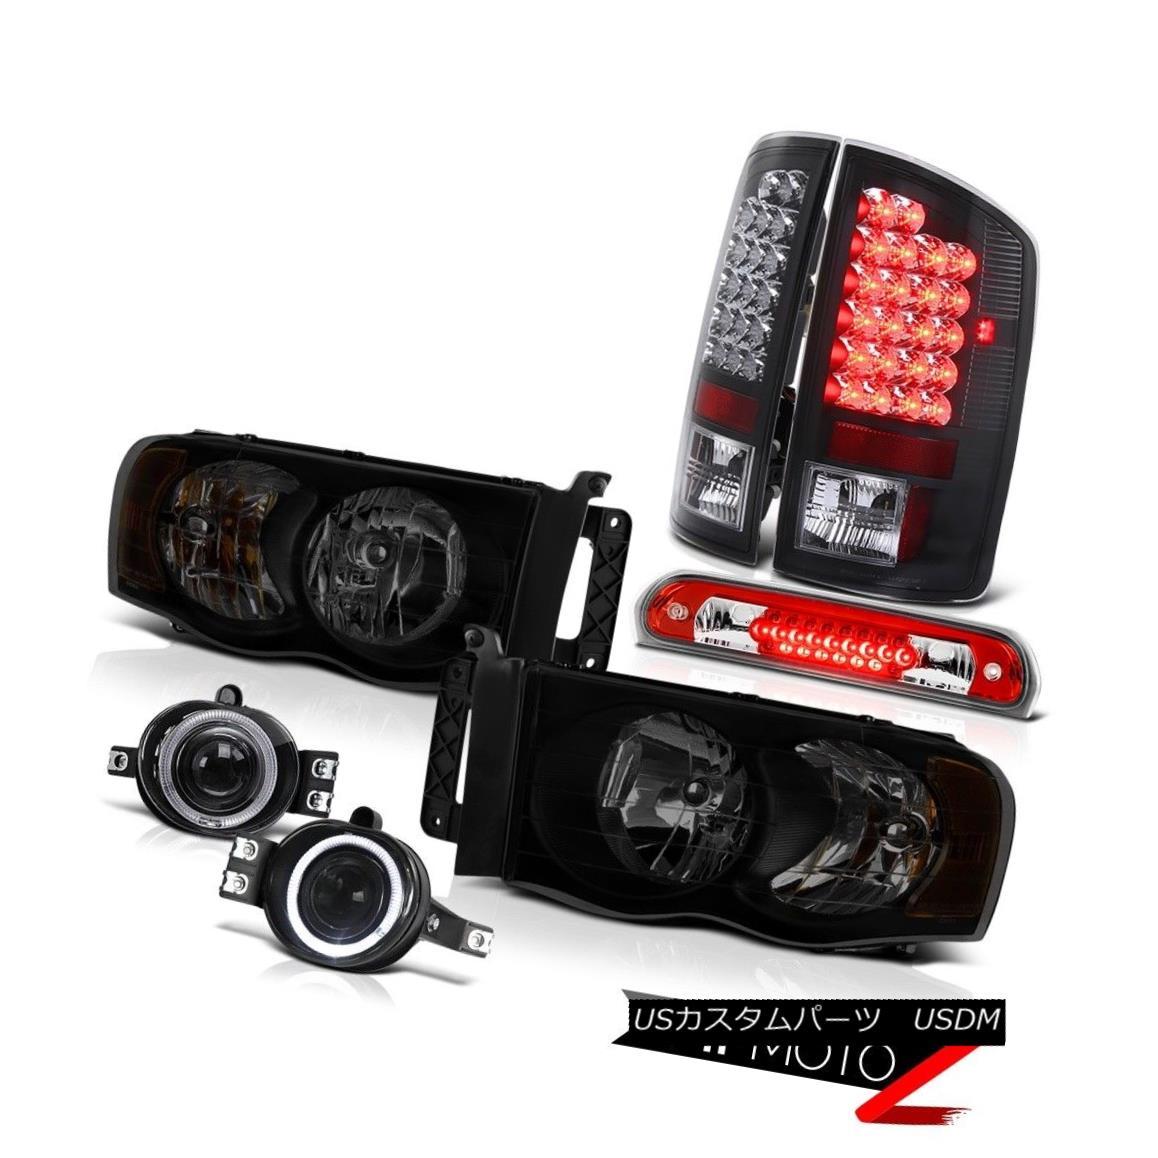 テールライト 02-05 Ram 1500 2500 3500 Slt Headlamps Chrome Fog Lamps 3RD Brake Lamp Taillamps 02-05 Ram 1500 2500 3500スリットヘッドランプクロームフォグランプ3RDブレーキランプタイヤランプ